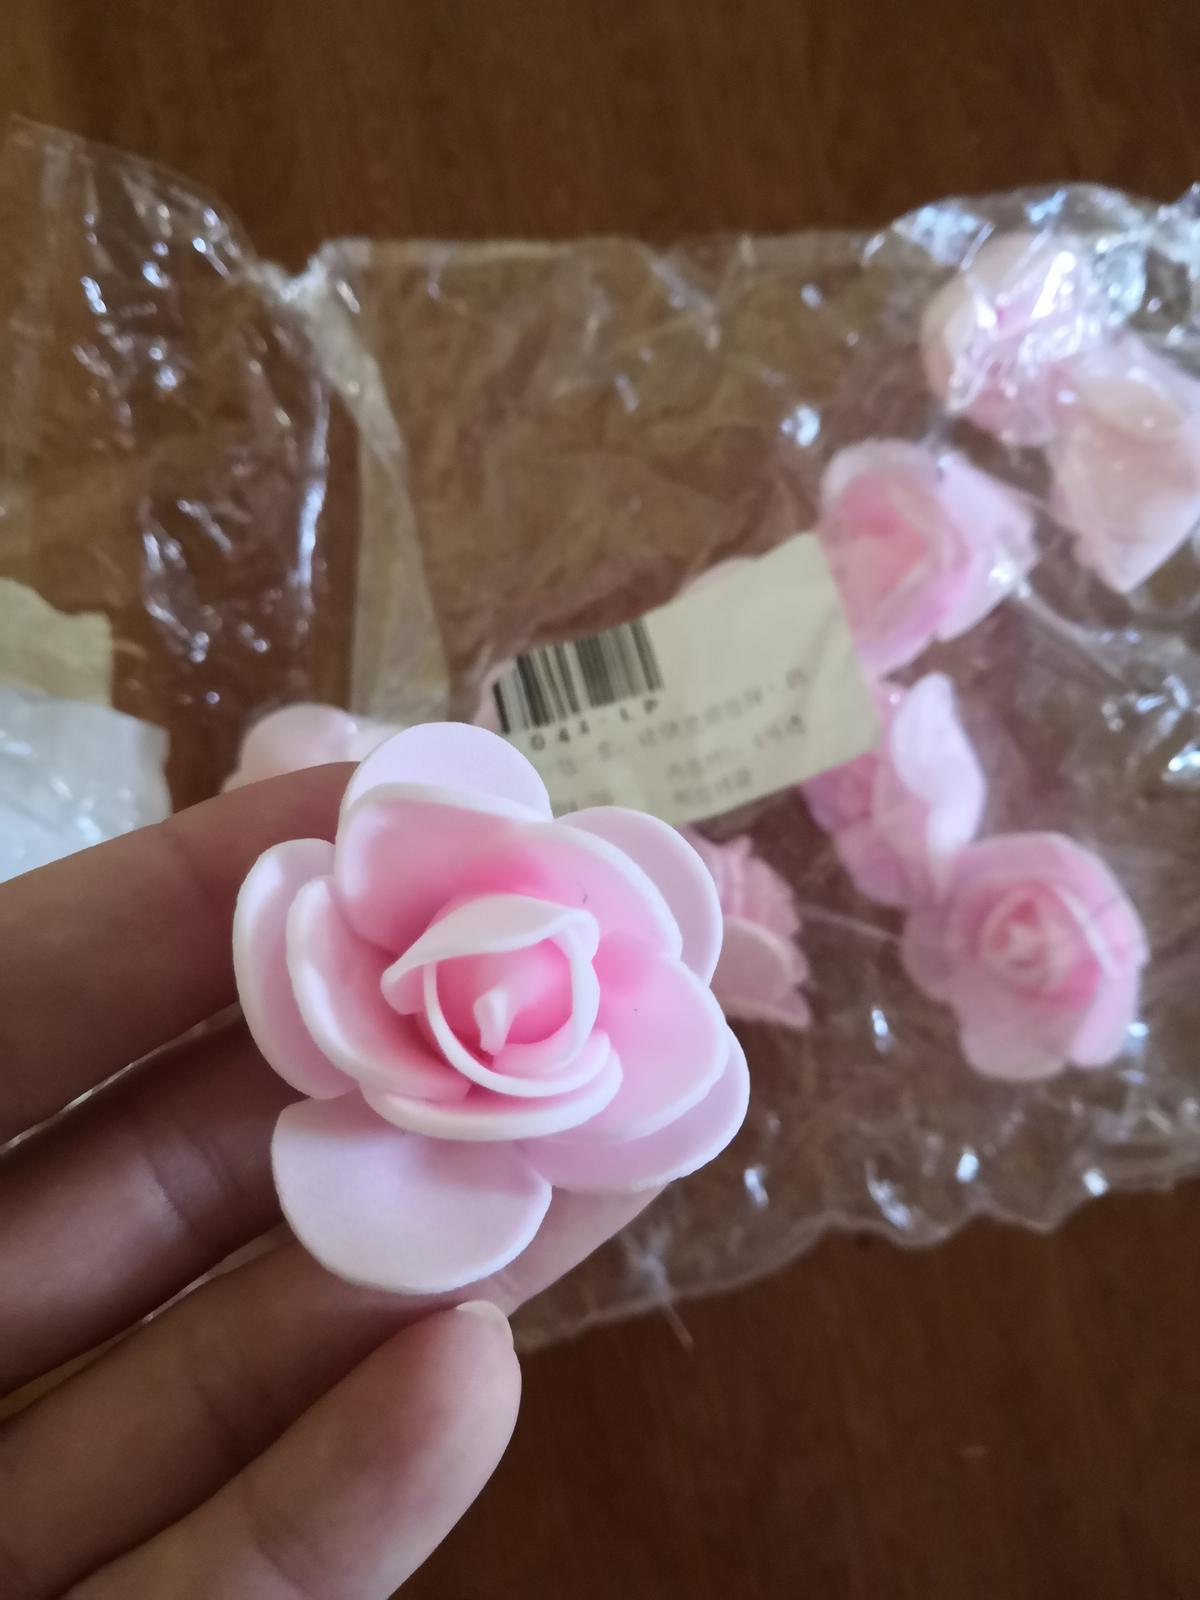 Kvet ružový (ružička) - Obrázok č. 1